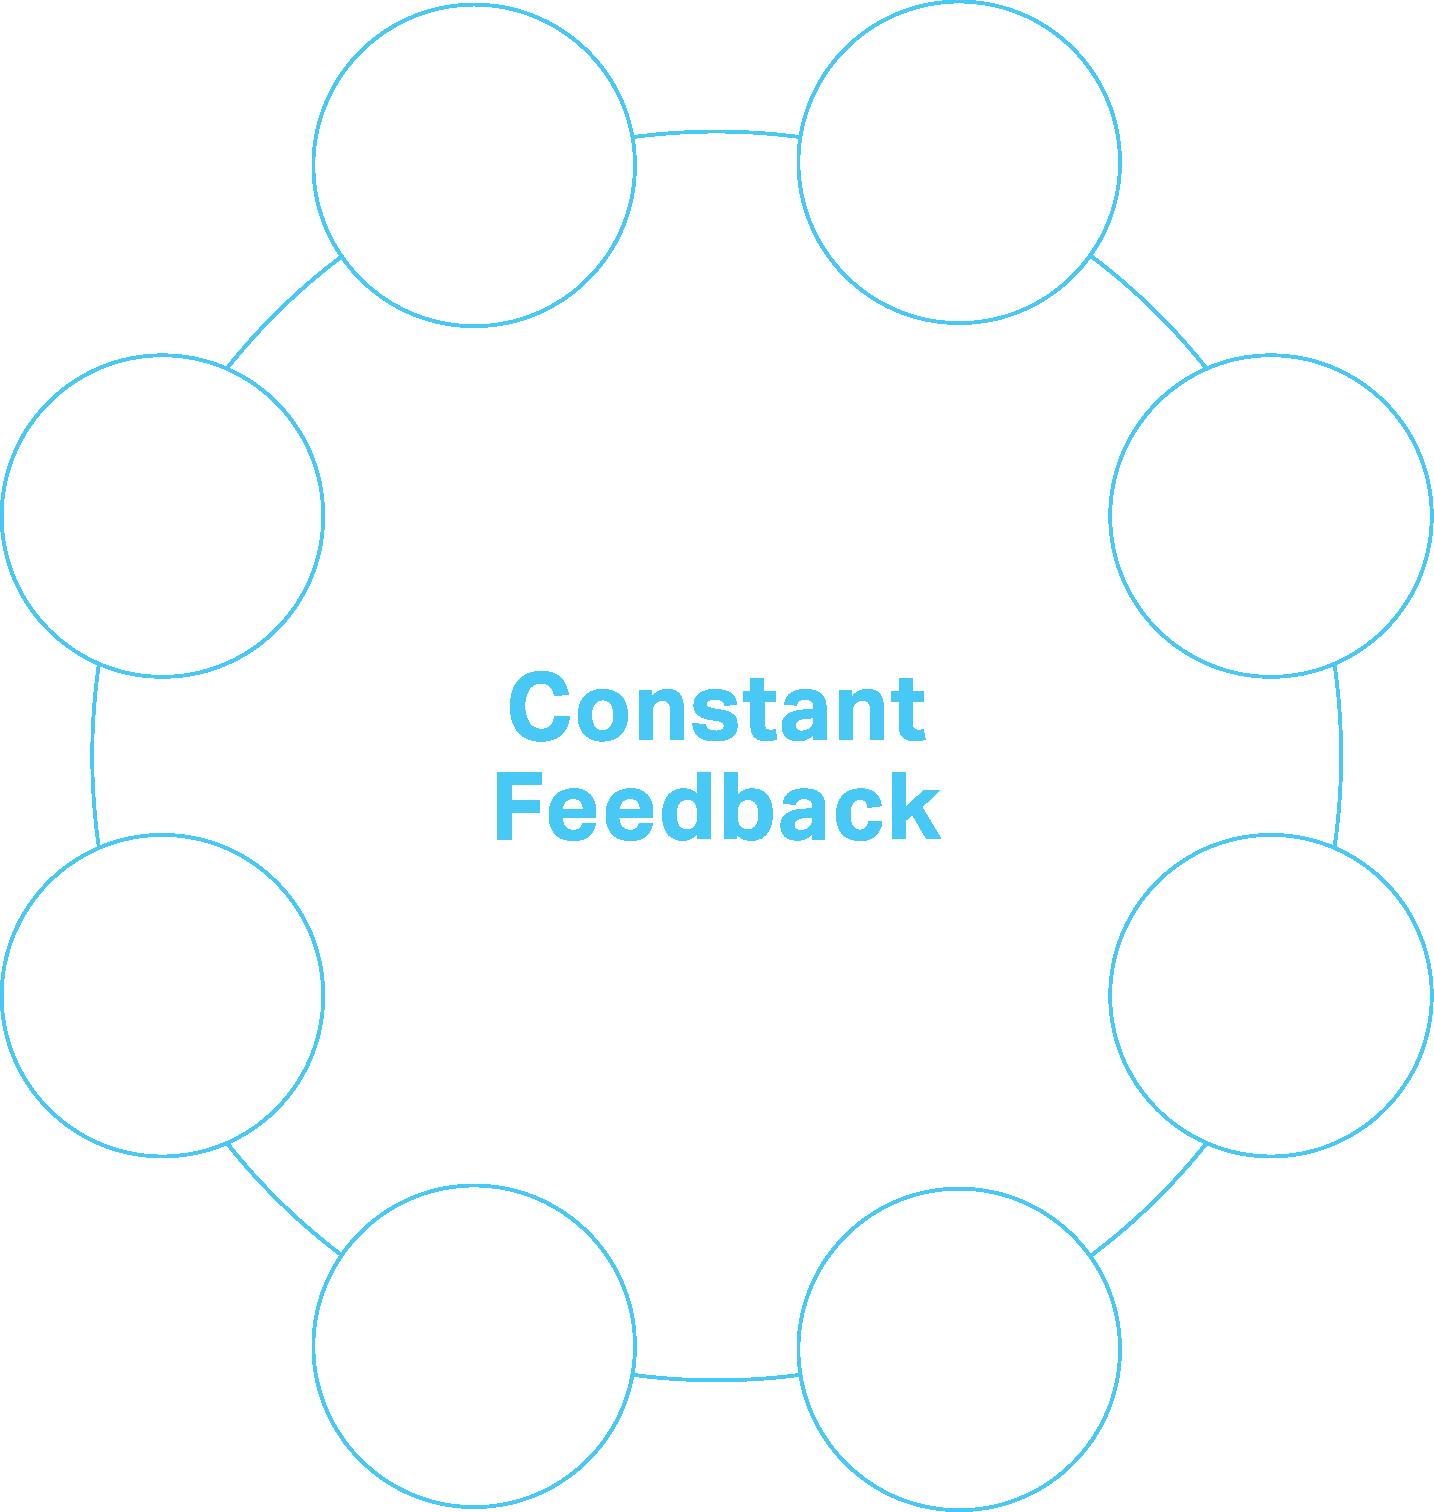 Constant Feedback Diagram